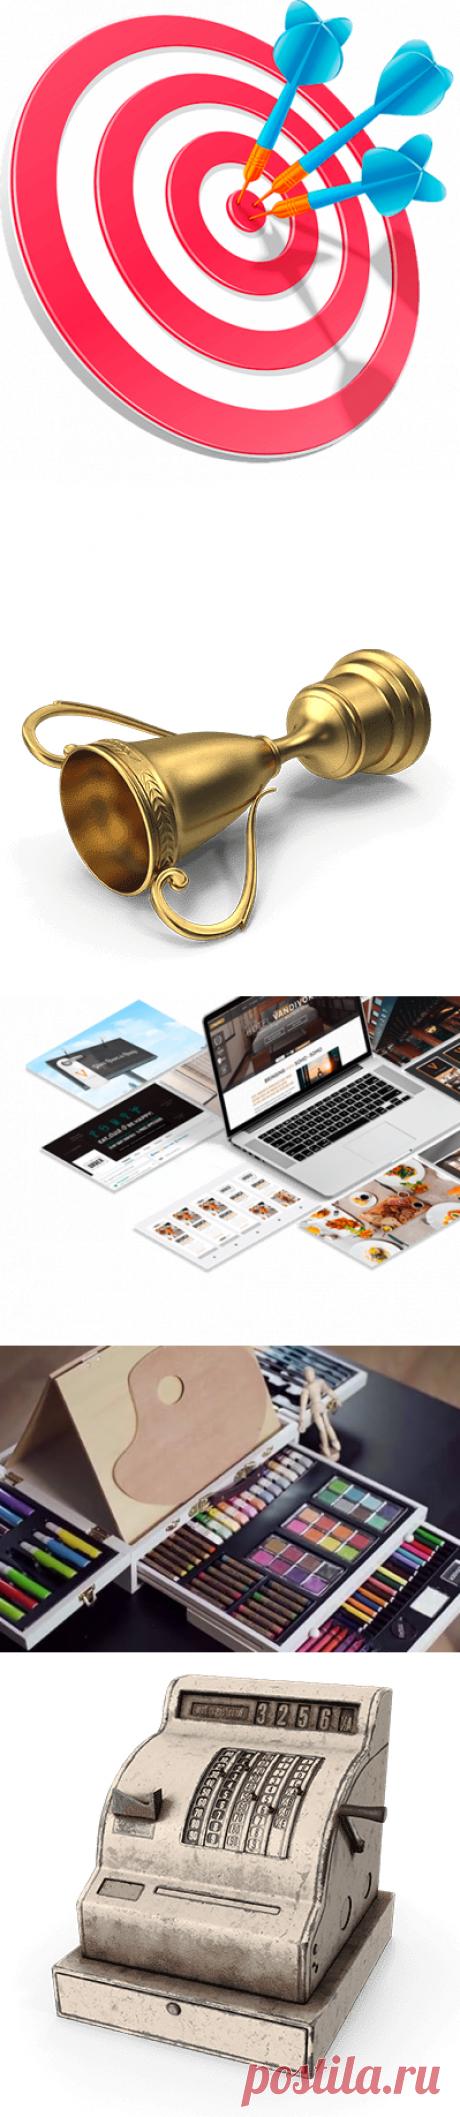 Создание сайта в Москве, разработка и продвижение сайтов для бизнеса под ключ недорого в веб-студии Проект 007